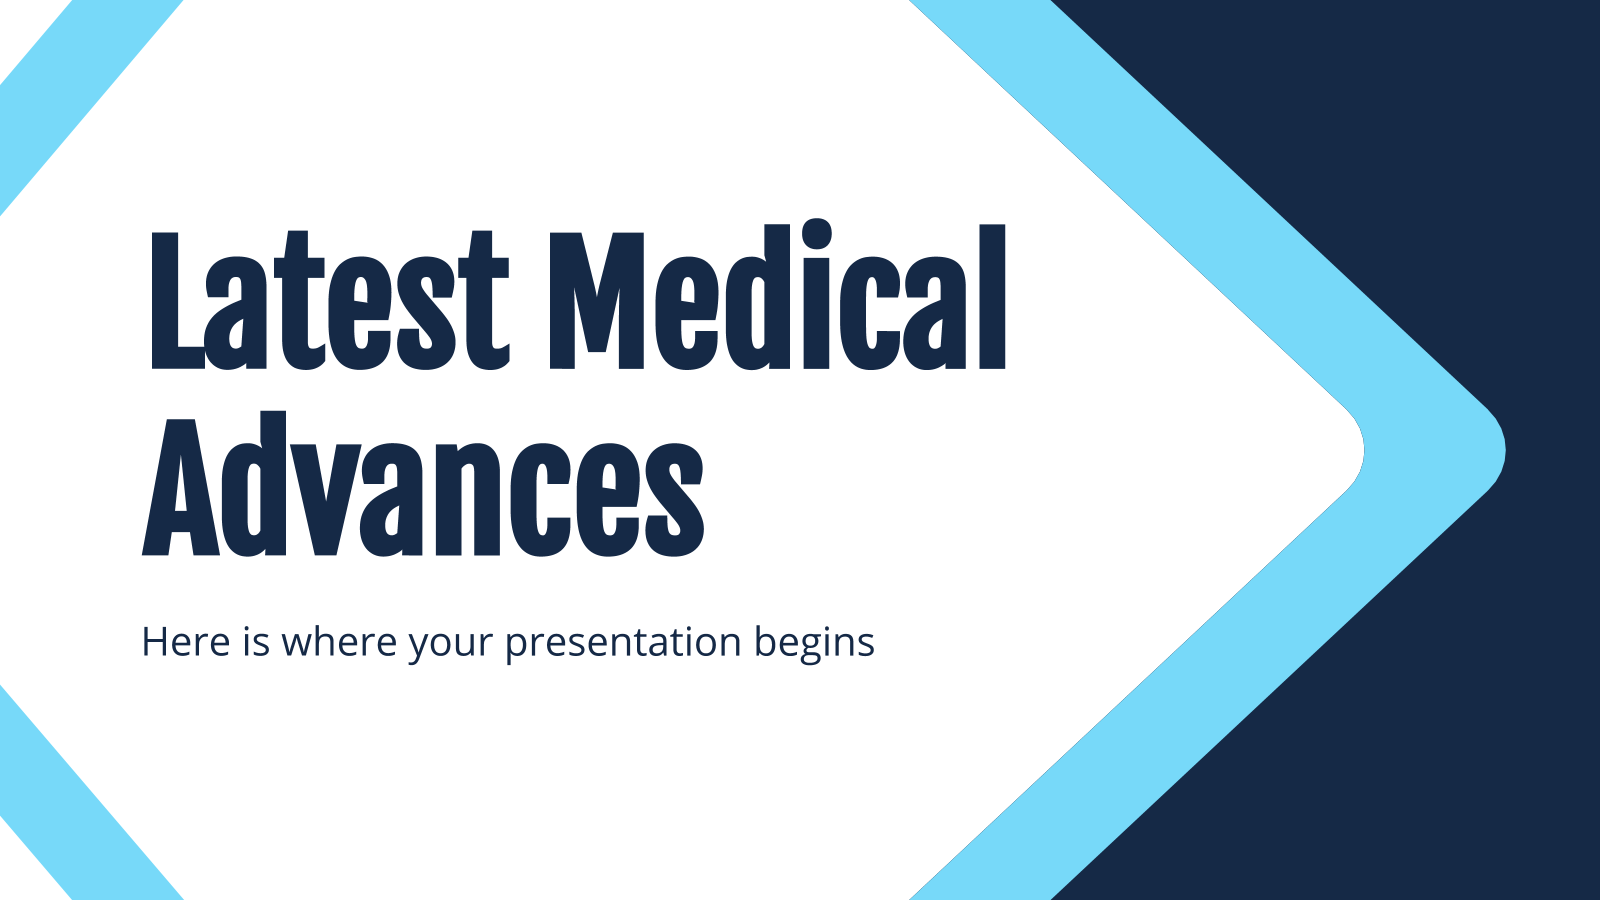 Modelo de apresentação Últimos avanços médicos